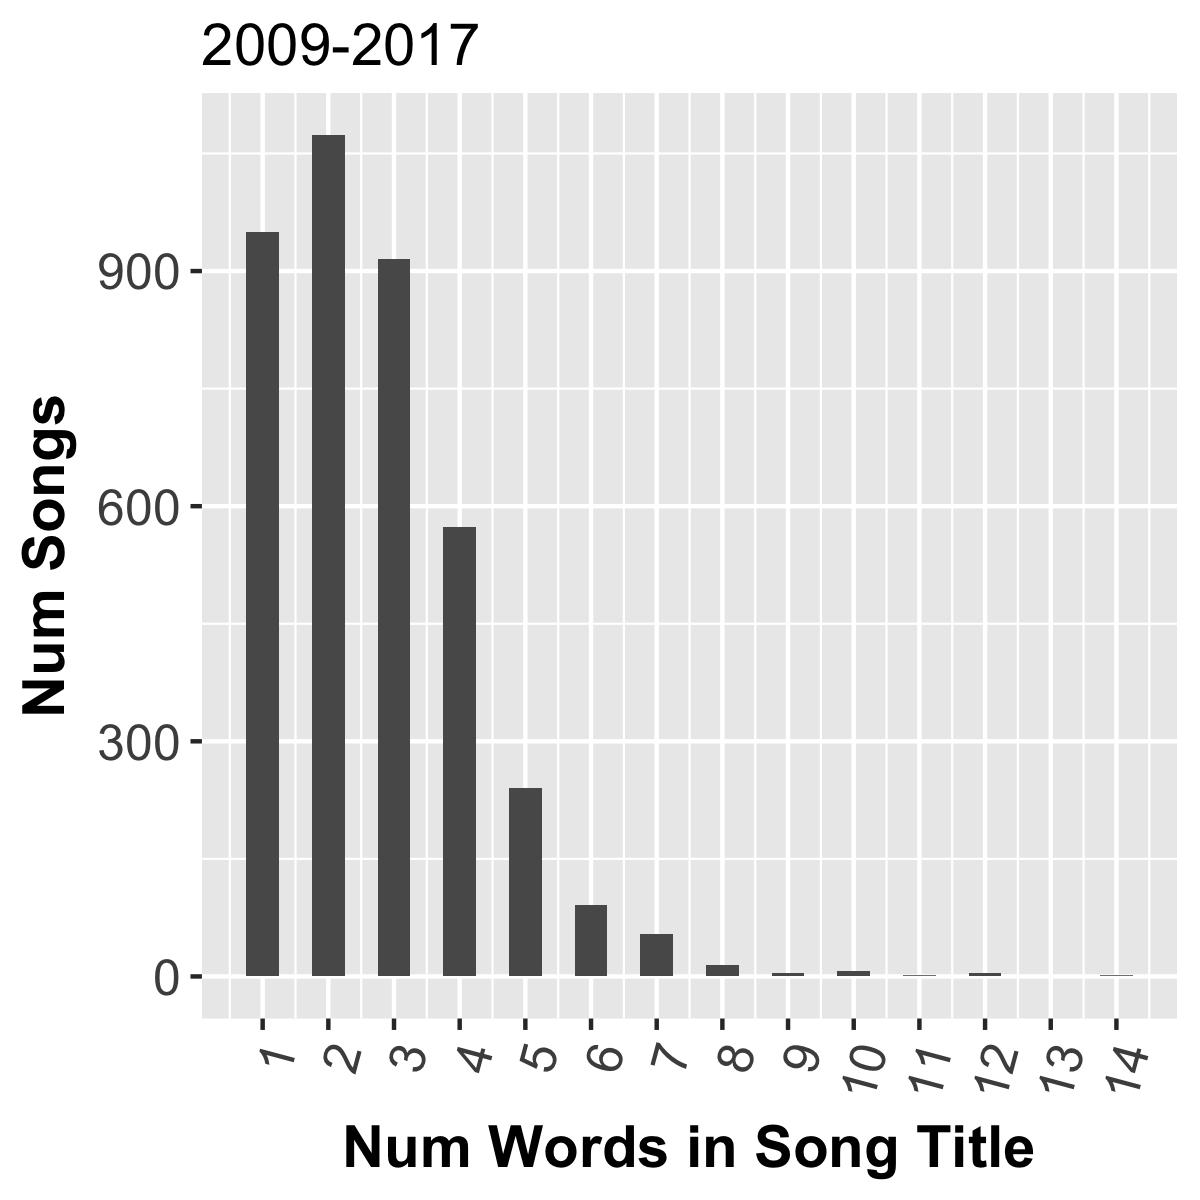 Estudio revela que Spotify está cambiando la forma en la que las canciones son nombradas